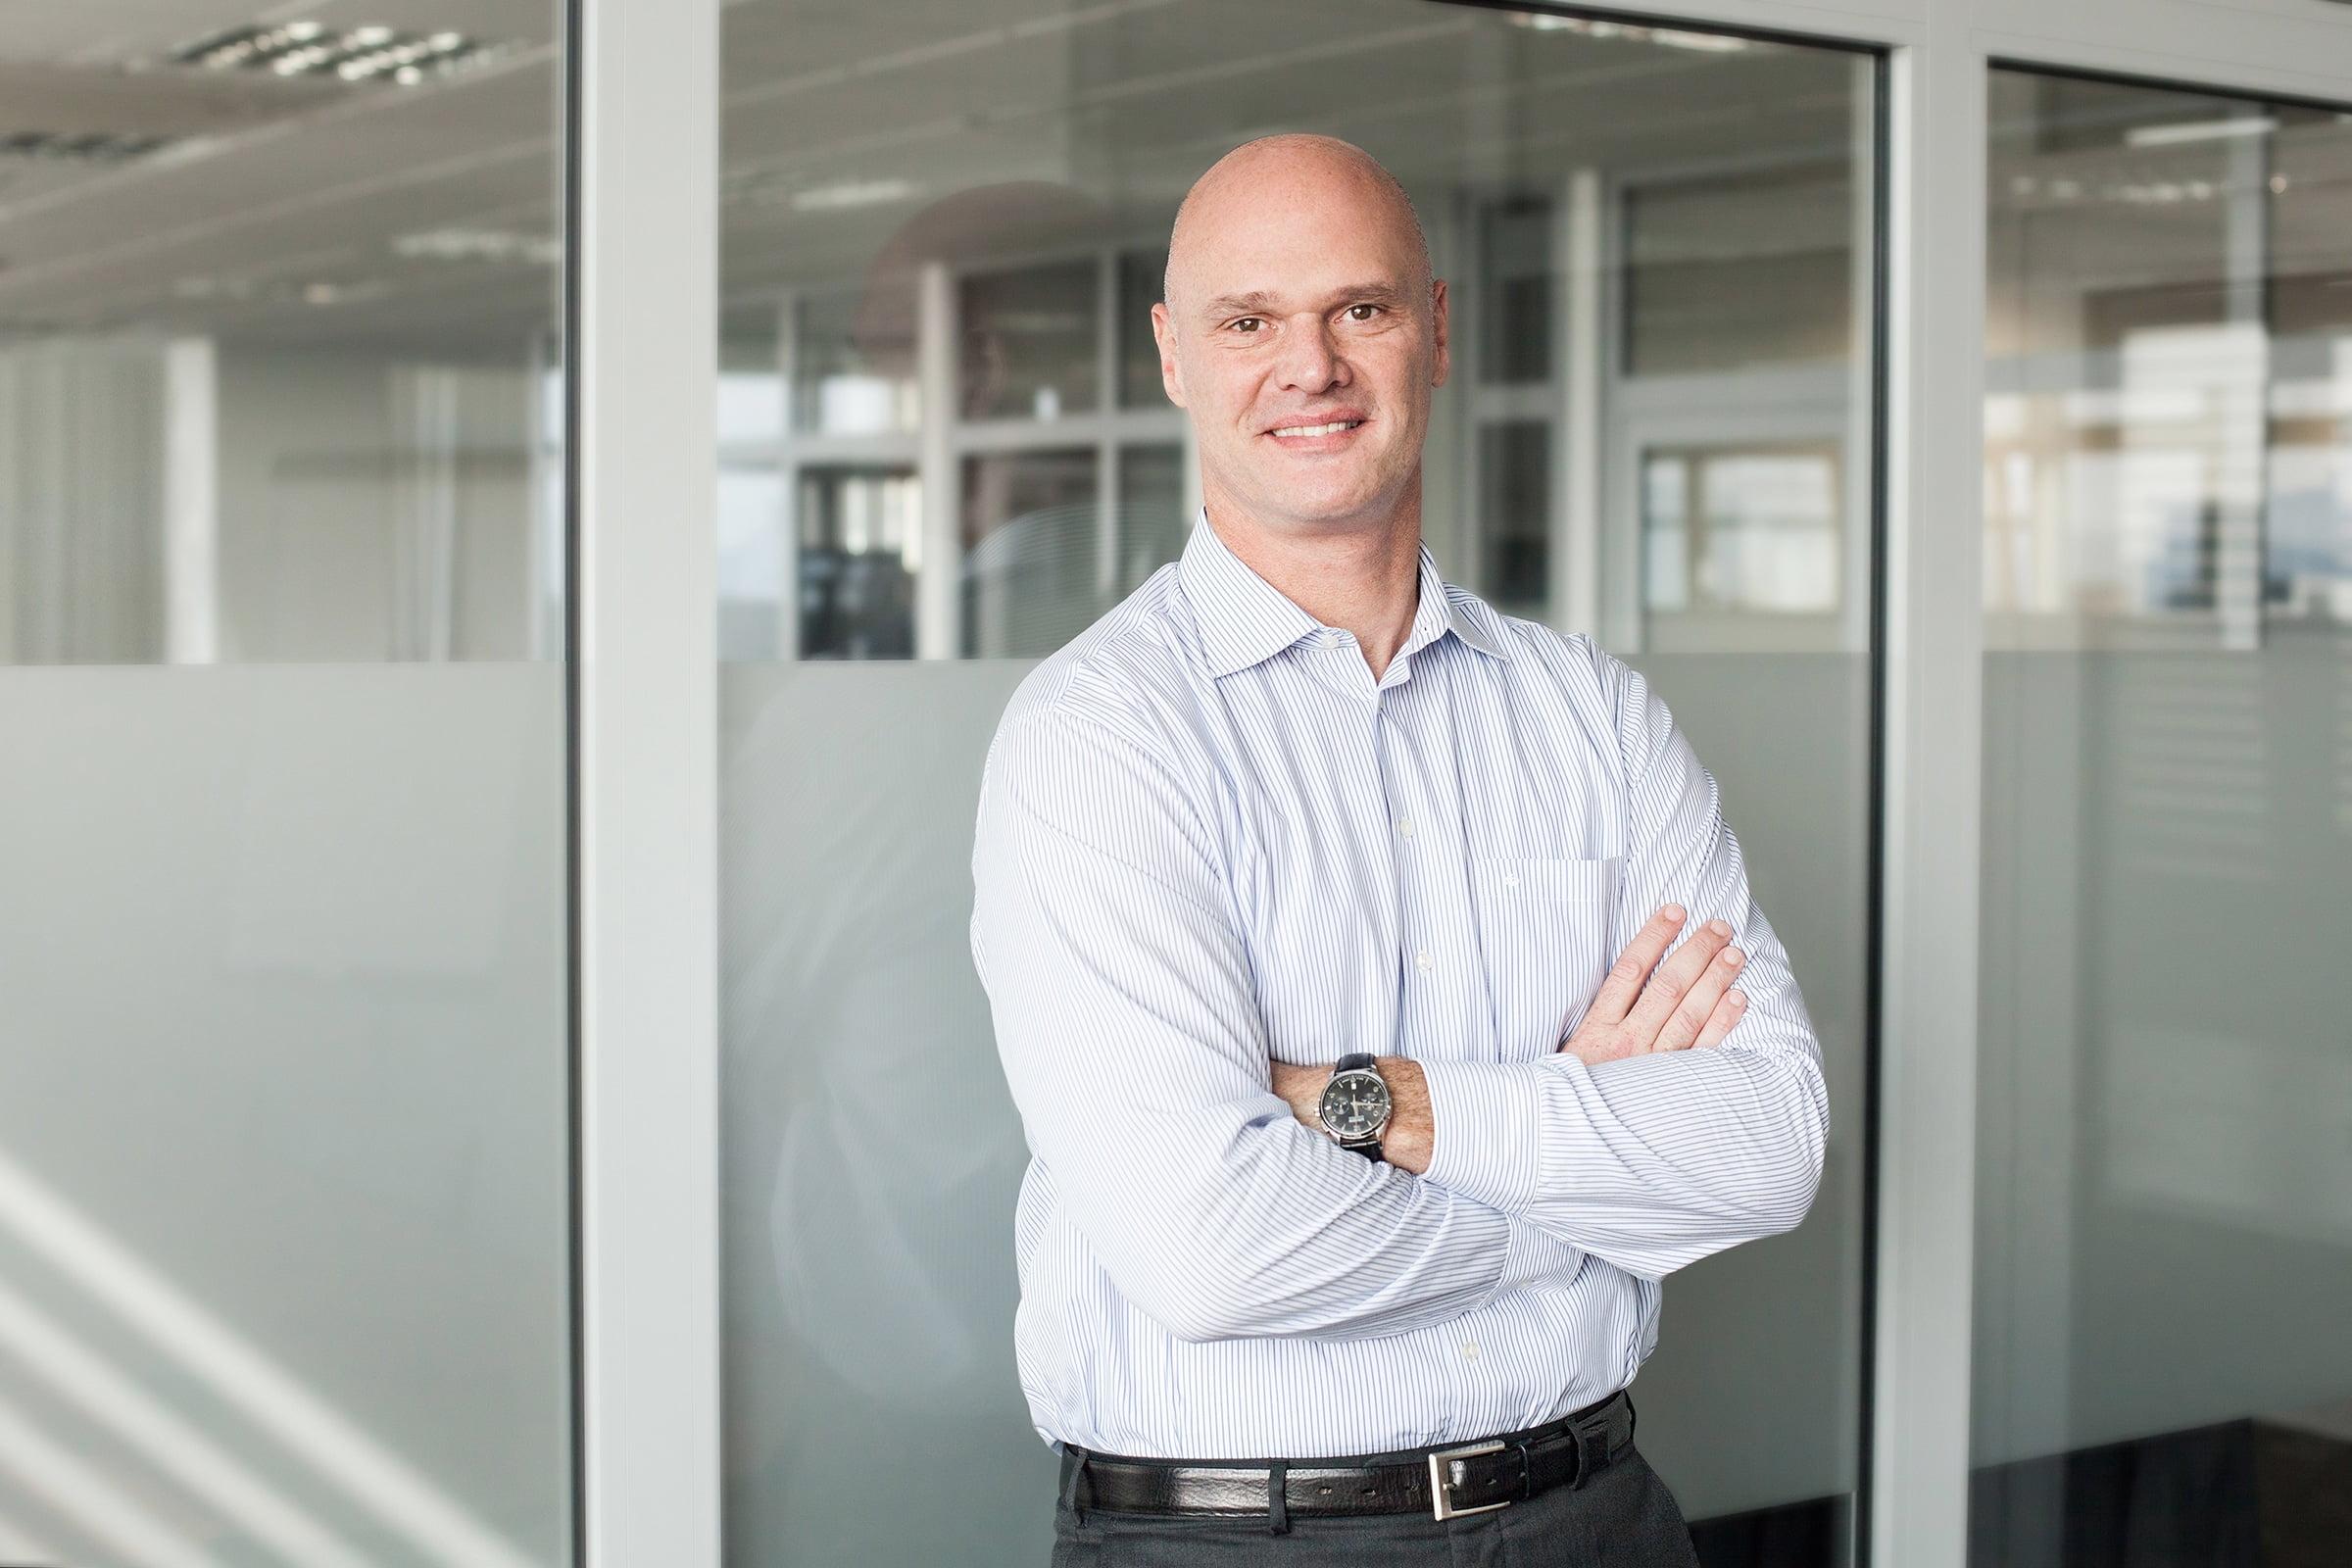 Olaf von der Ahe, Managing Director, ERNI Germany